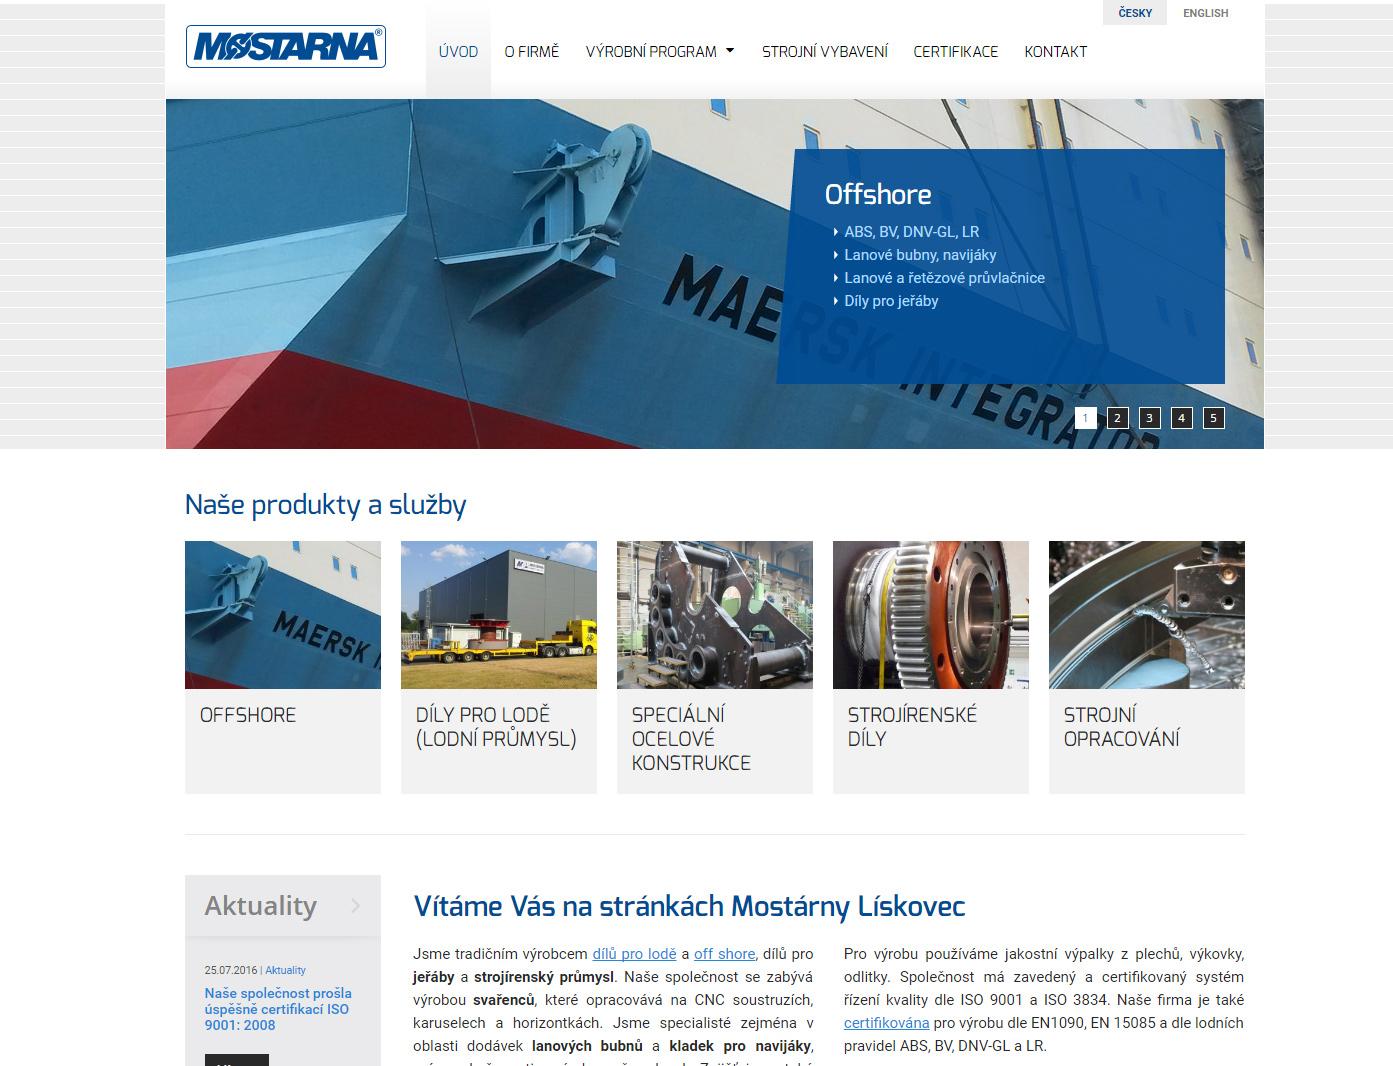 Webová prezentace Mostarna.com